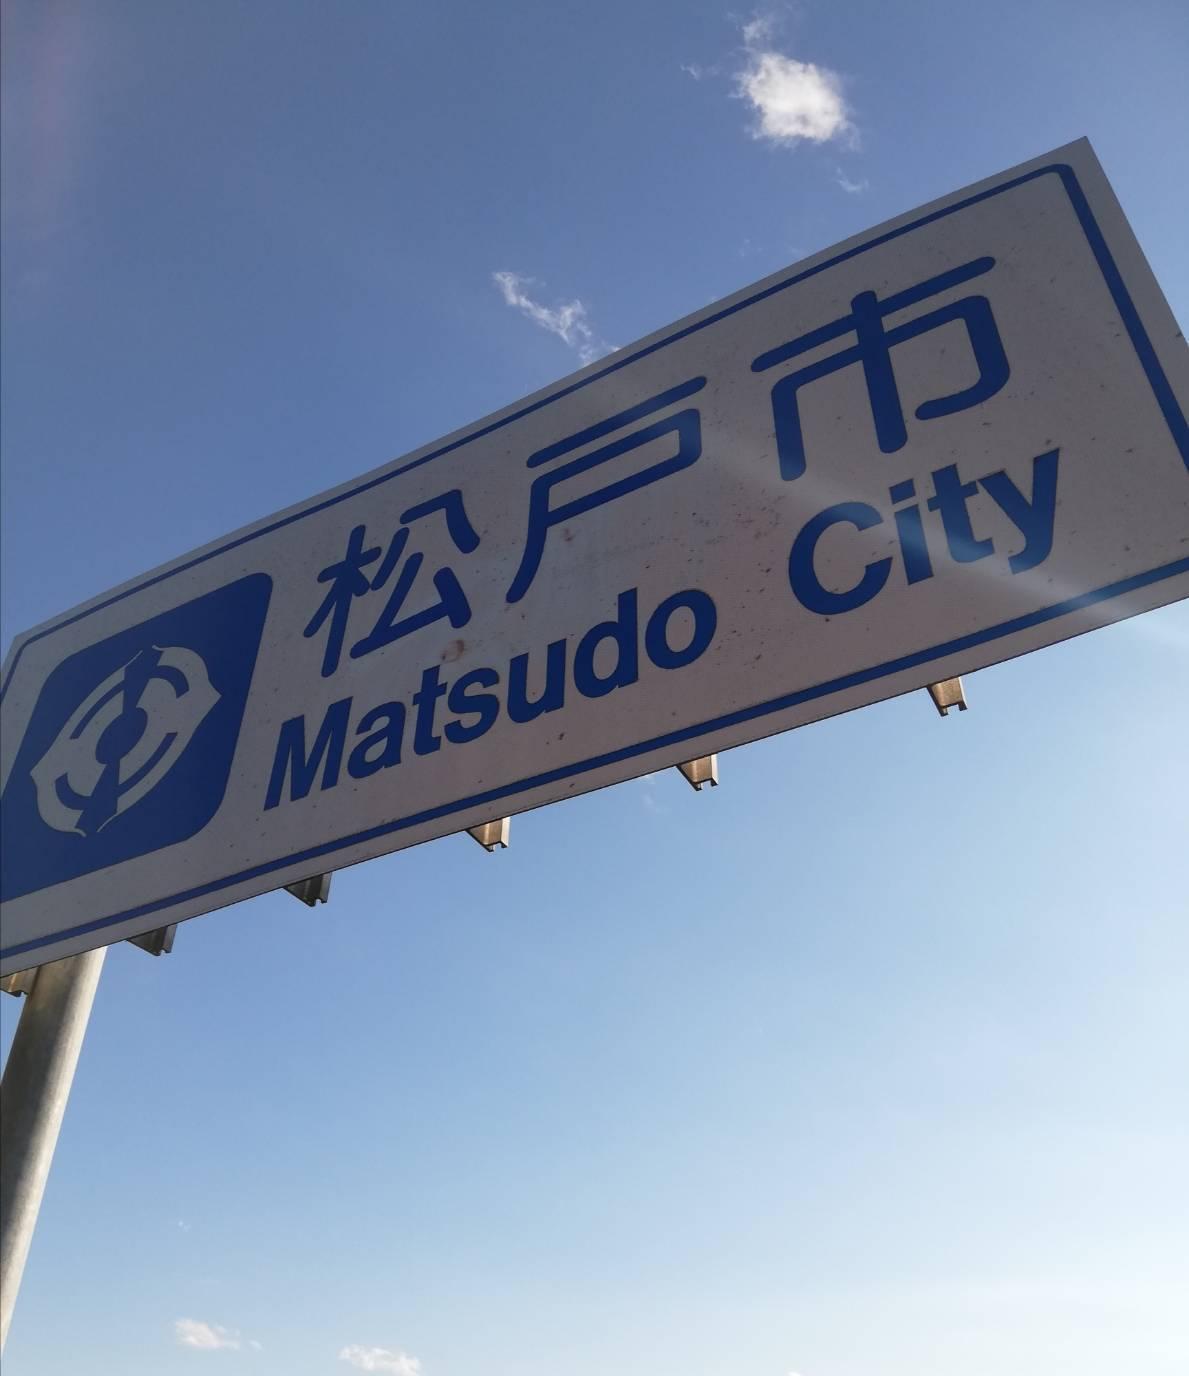 緊急事態宣言千葉県松戸市